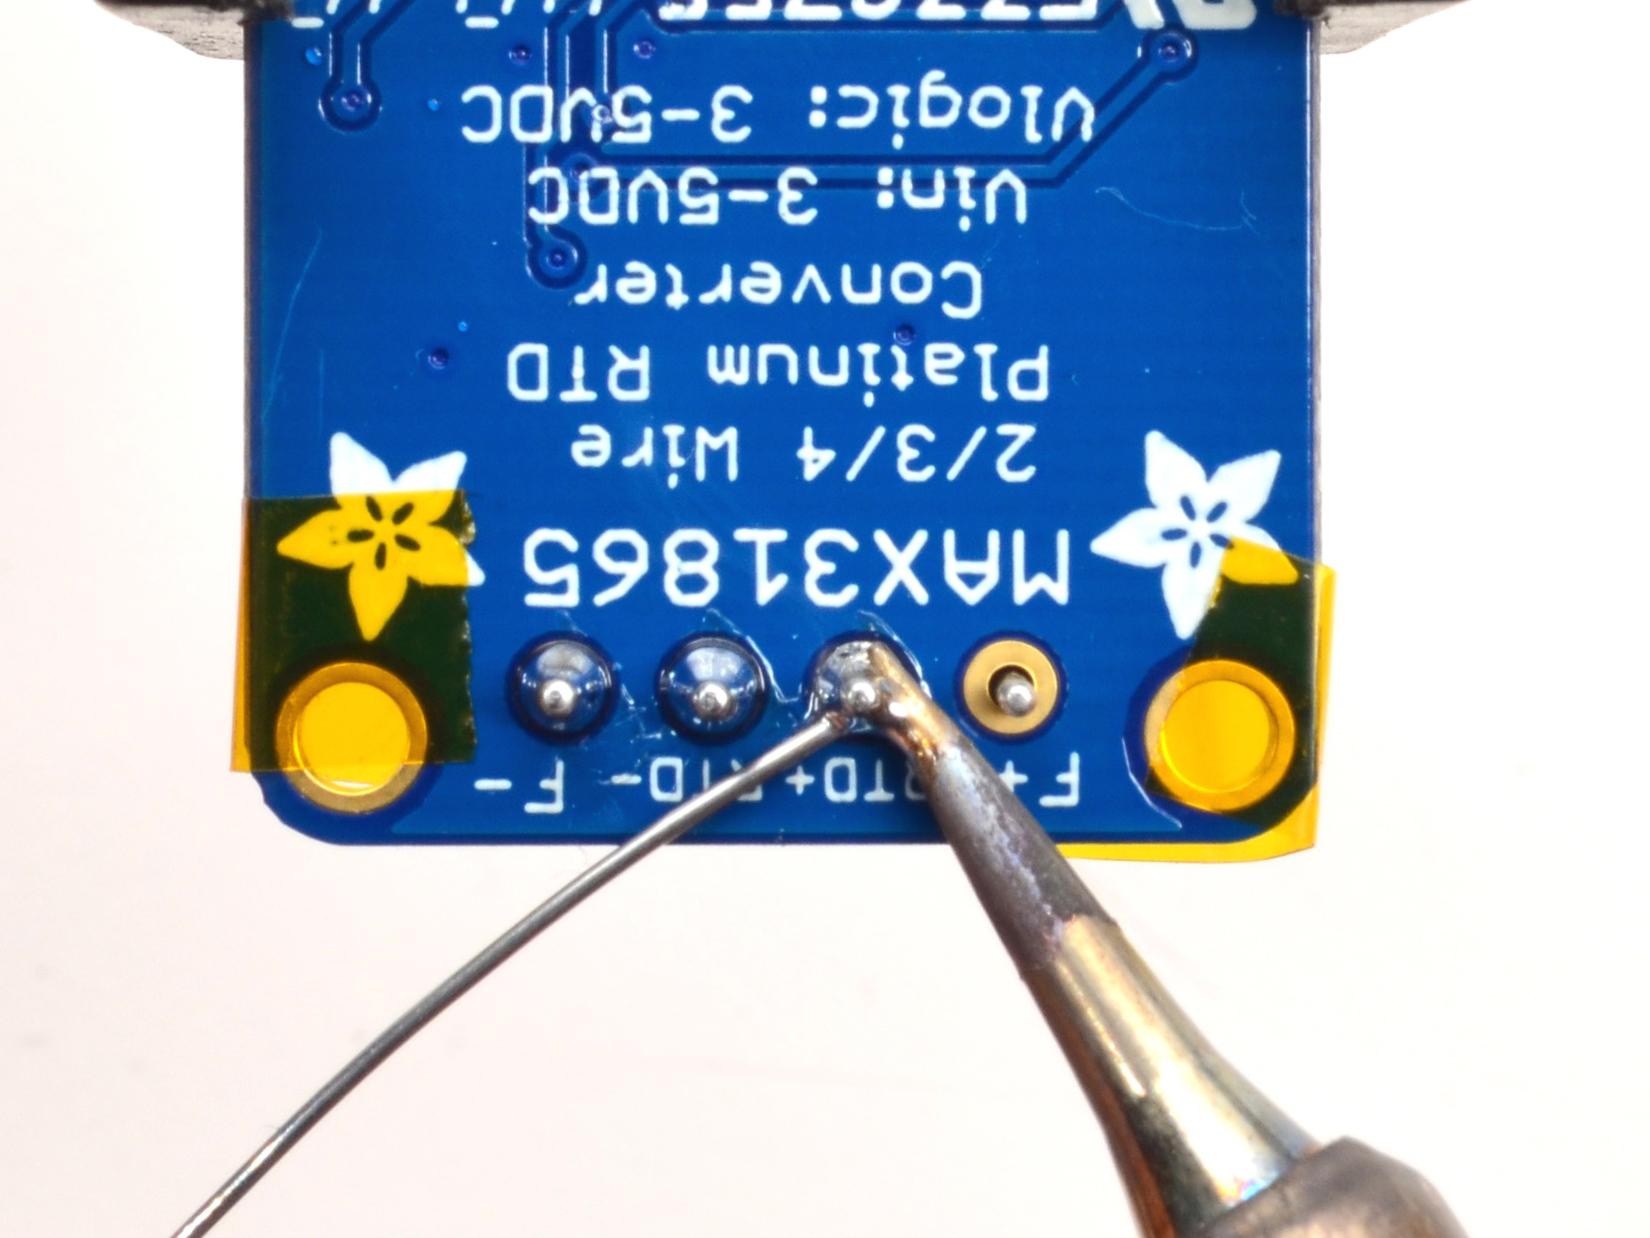 adafruit_products_DSC_3464.jpg